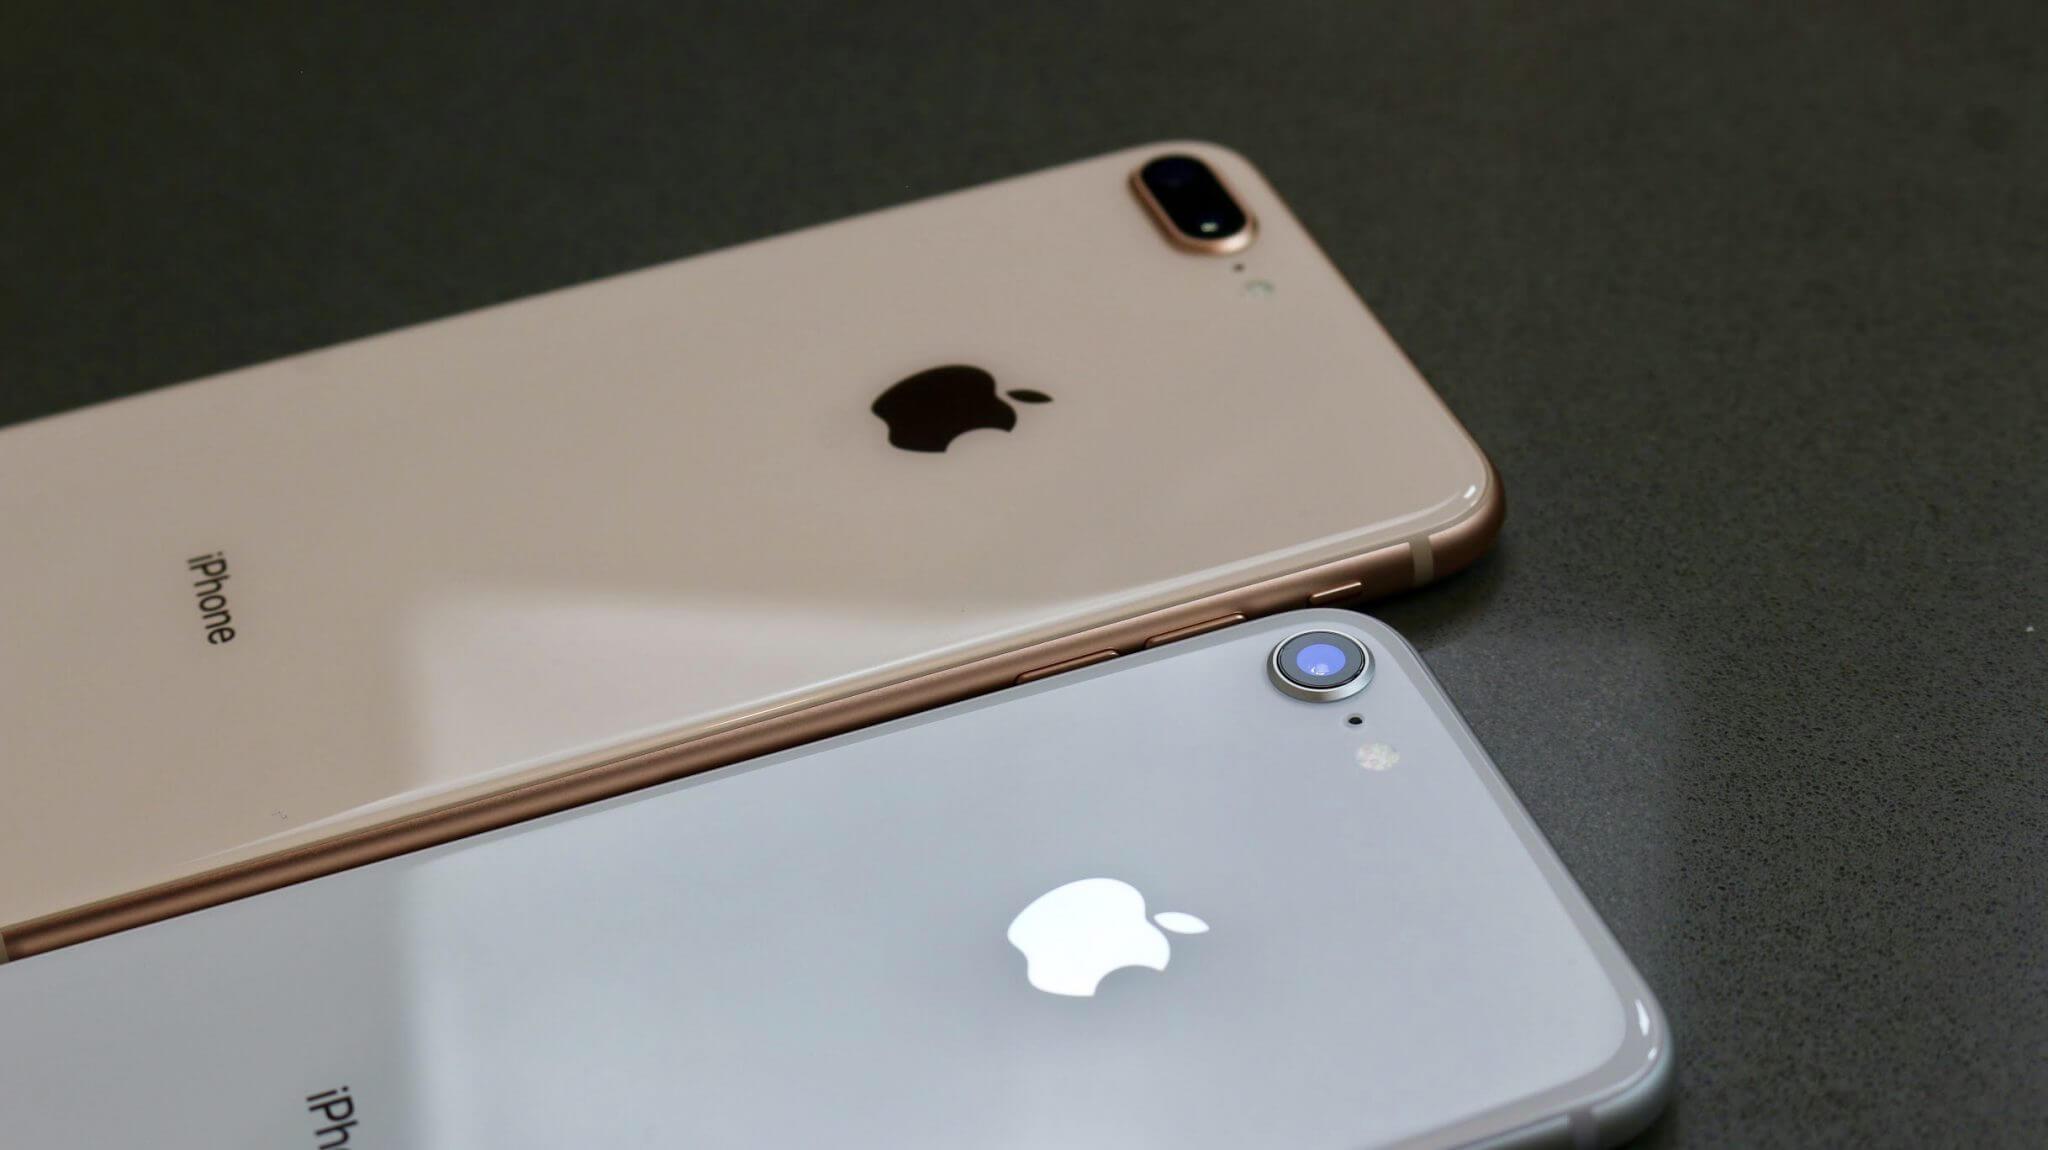 Iphone 8 ou iphone 8 plus: qual comprar?